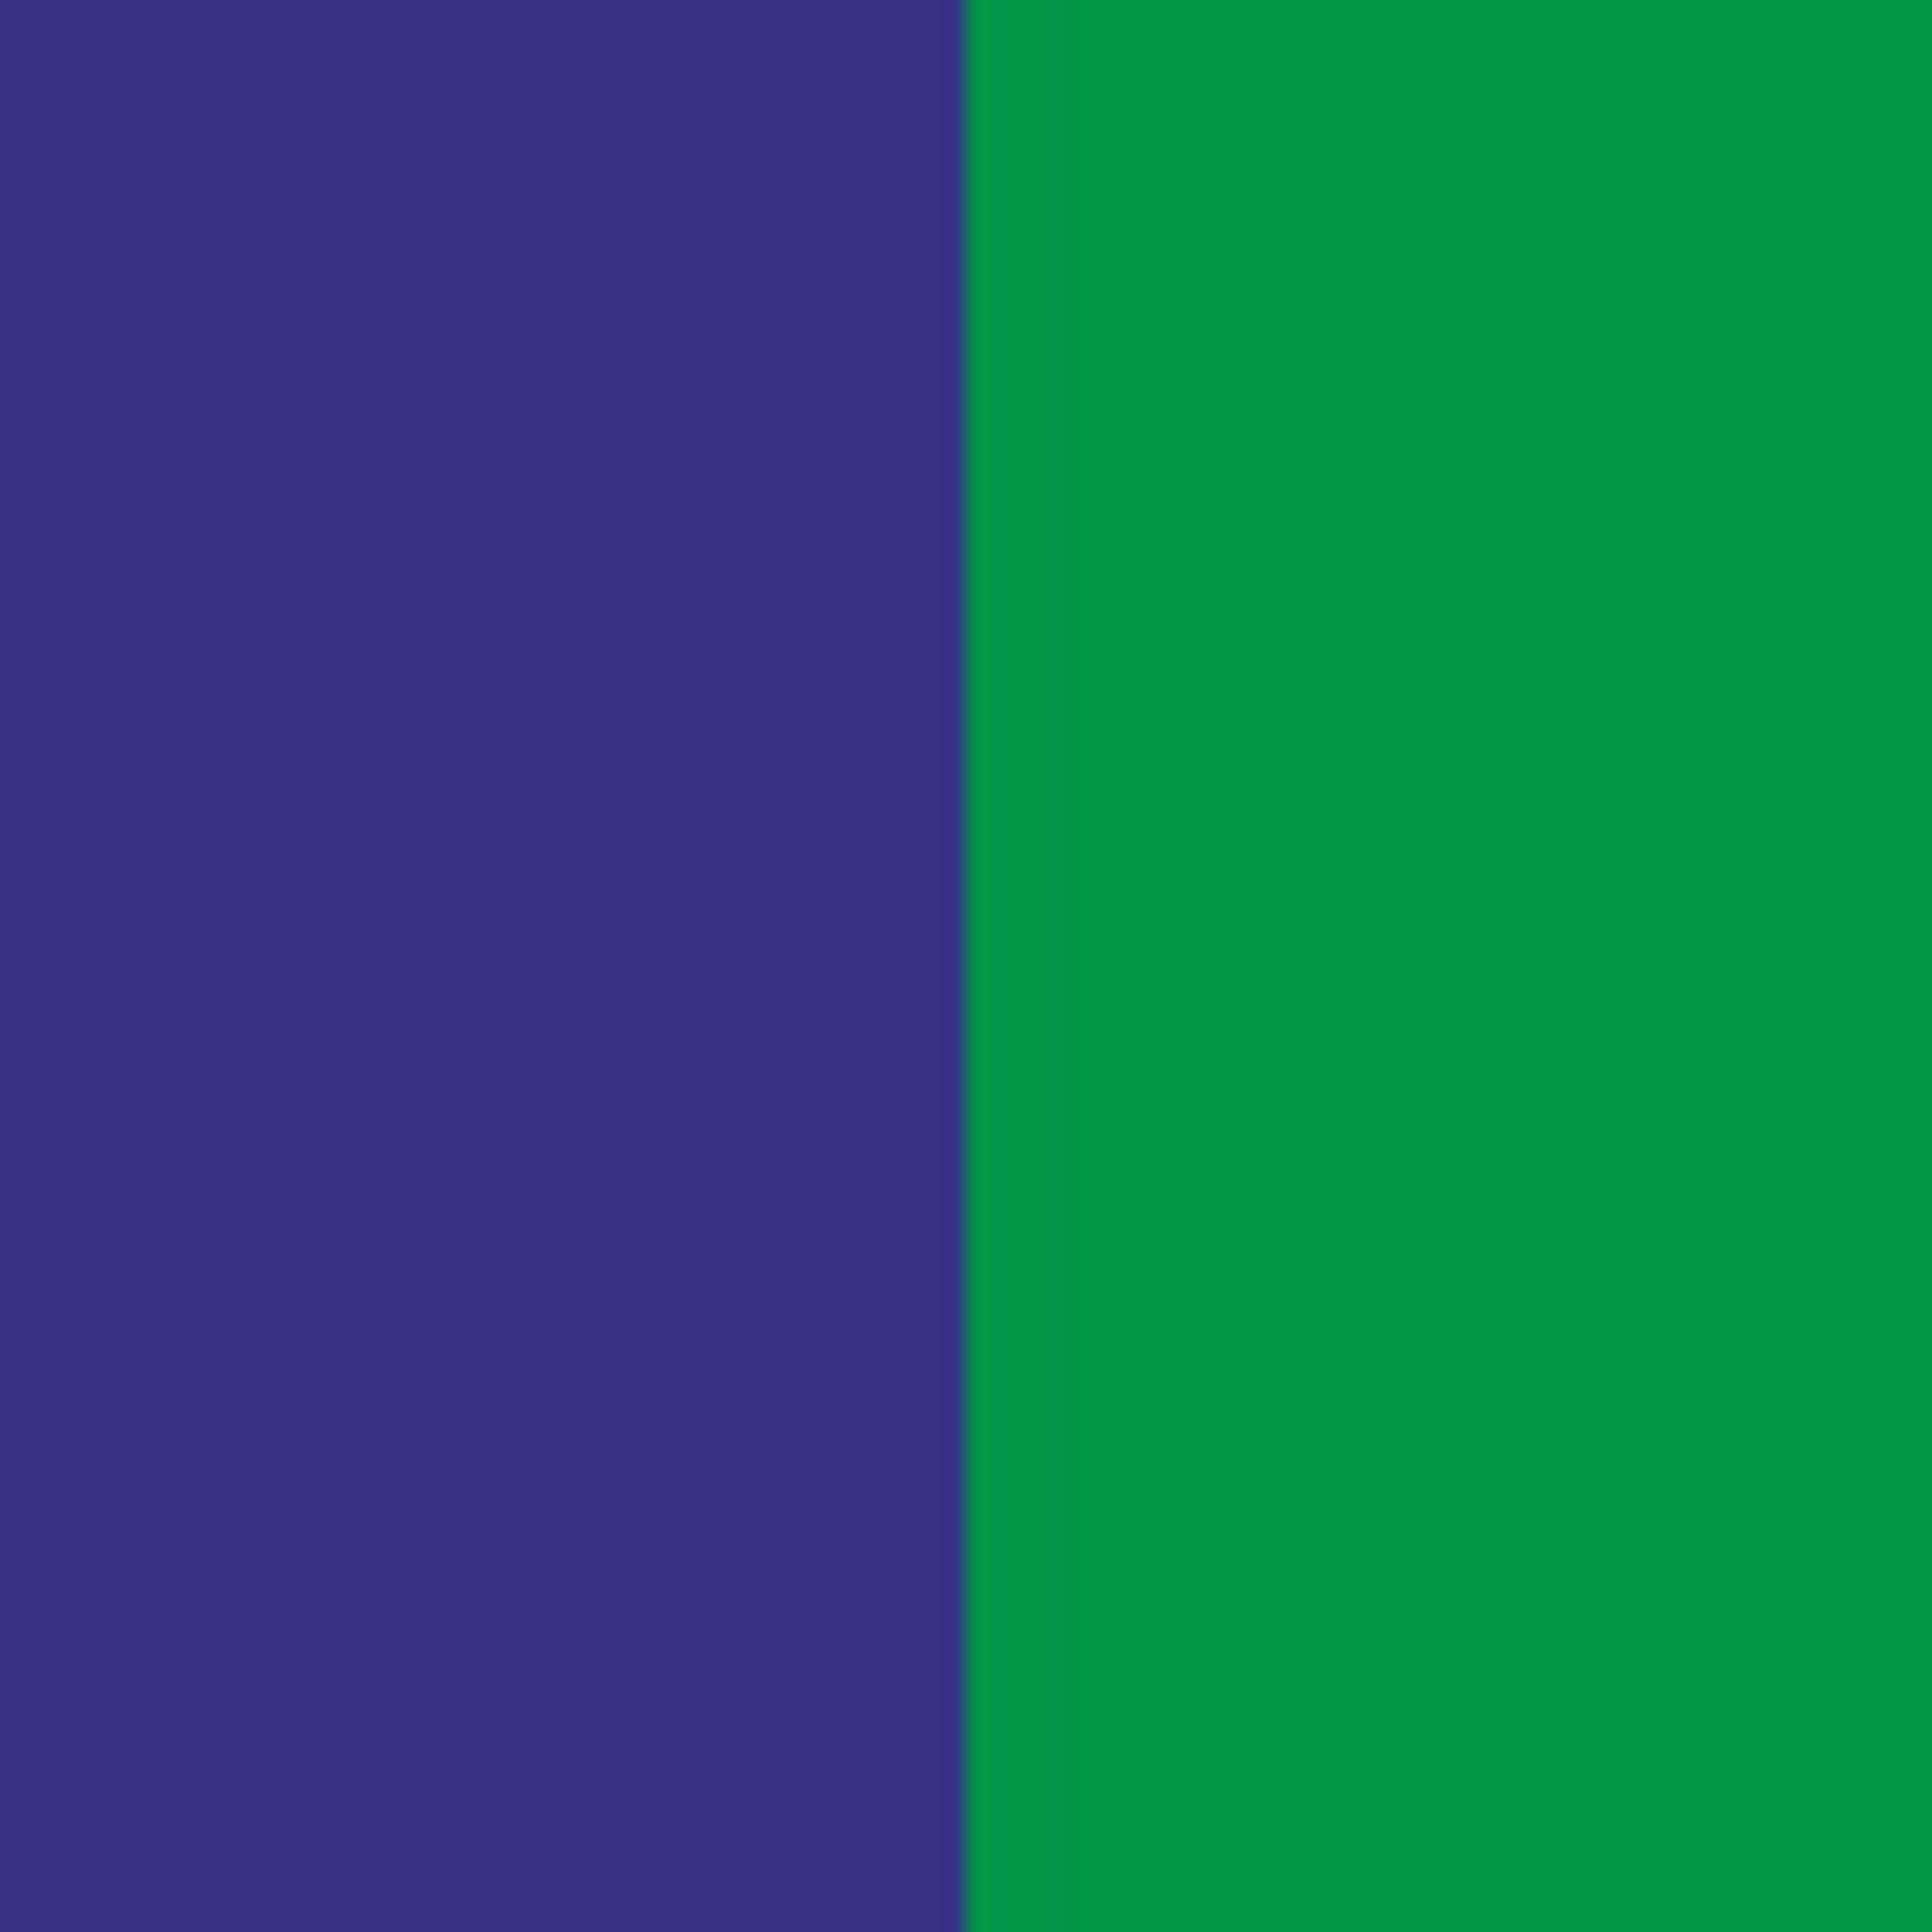 Blau-grün